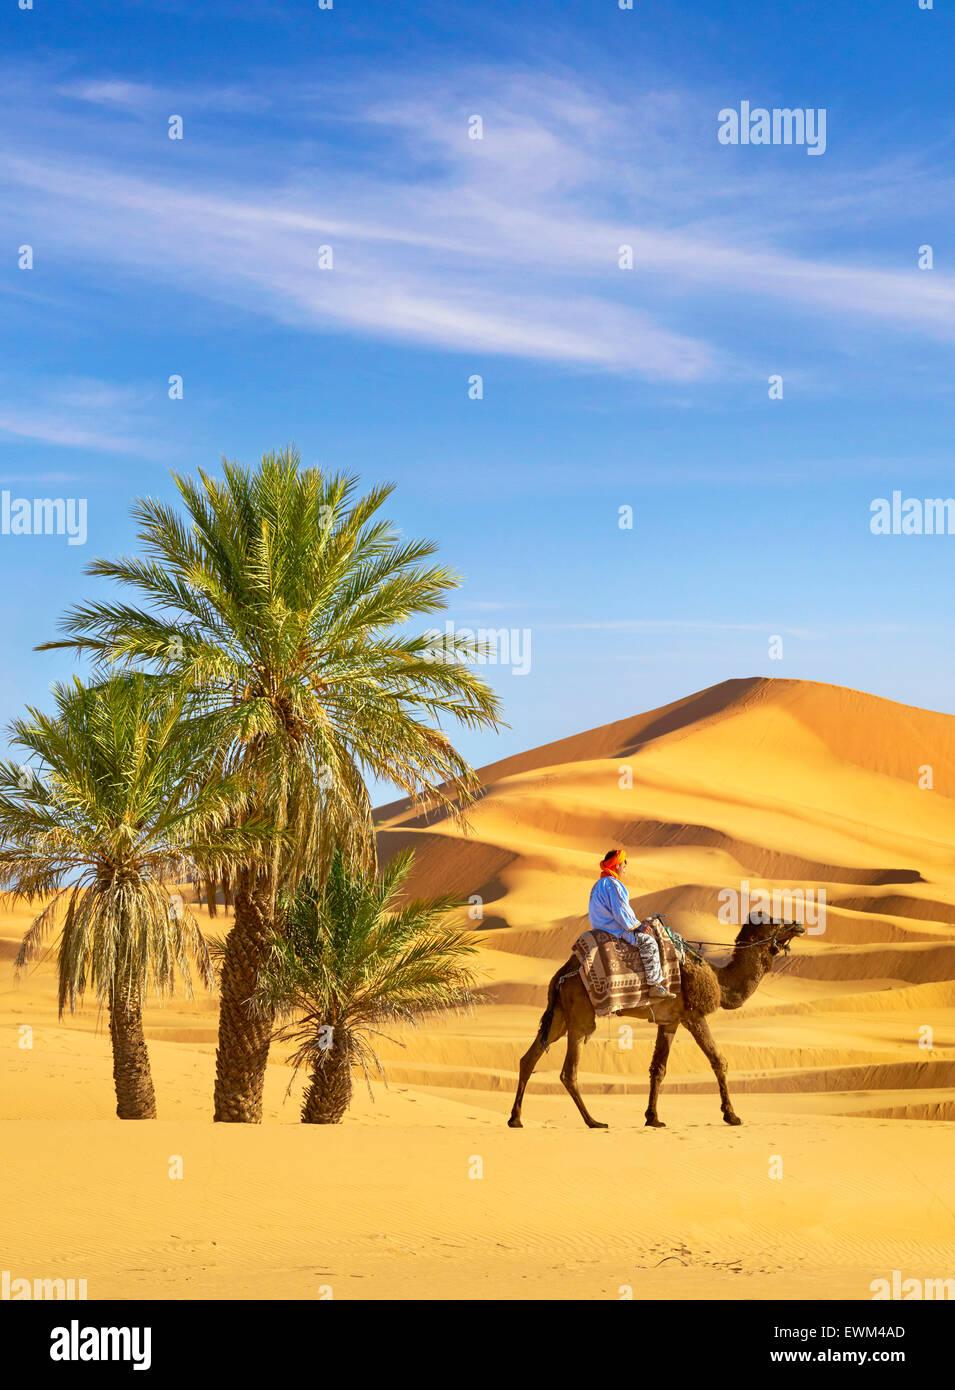 Berber uomo giro sul cammello, Erg Chebbi deserto vicino a Merzouga, Sahara, Marocco Immagini Stock